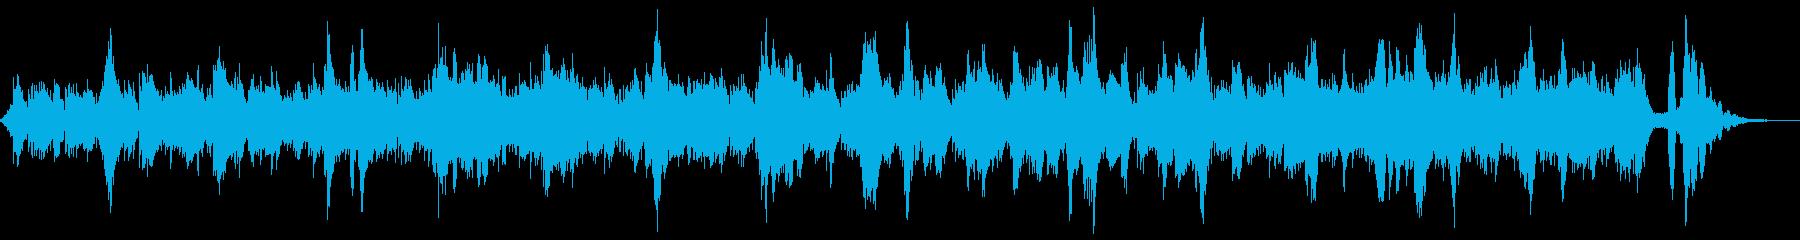 小川のせせらぎのような環境音楽の再生済みの波形